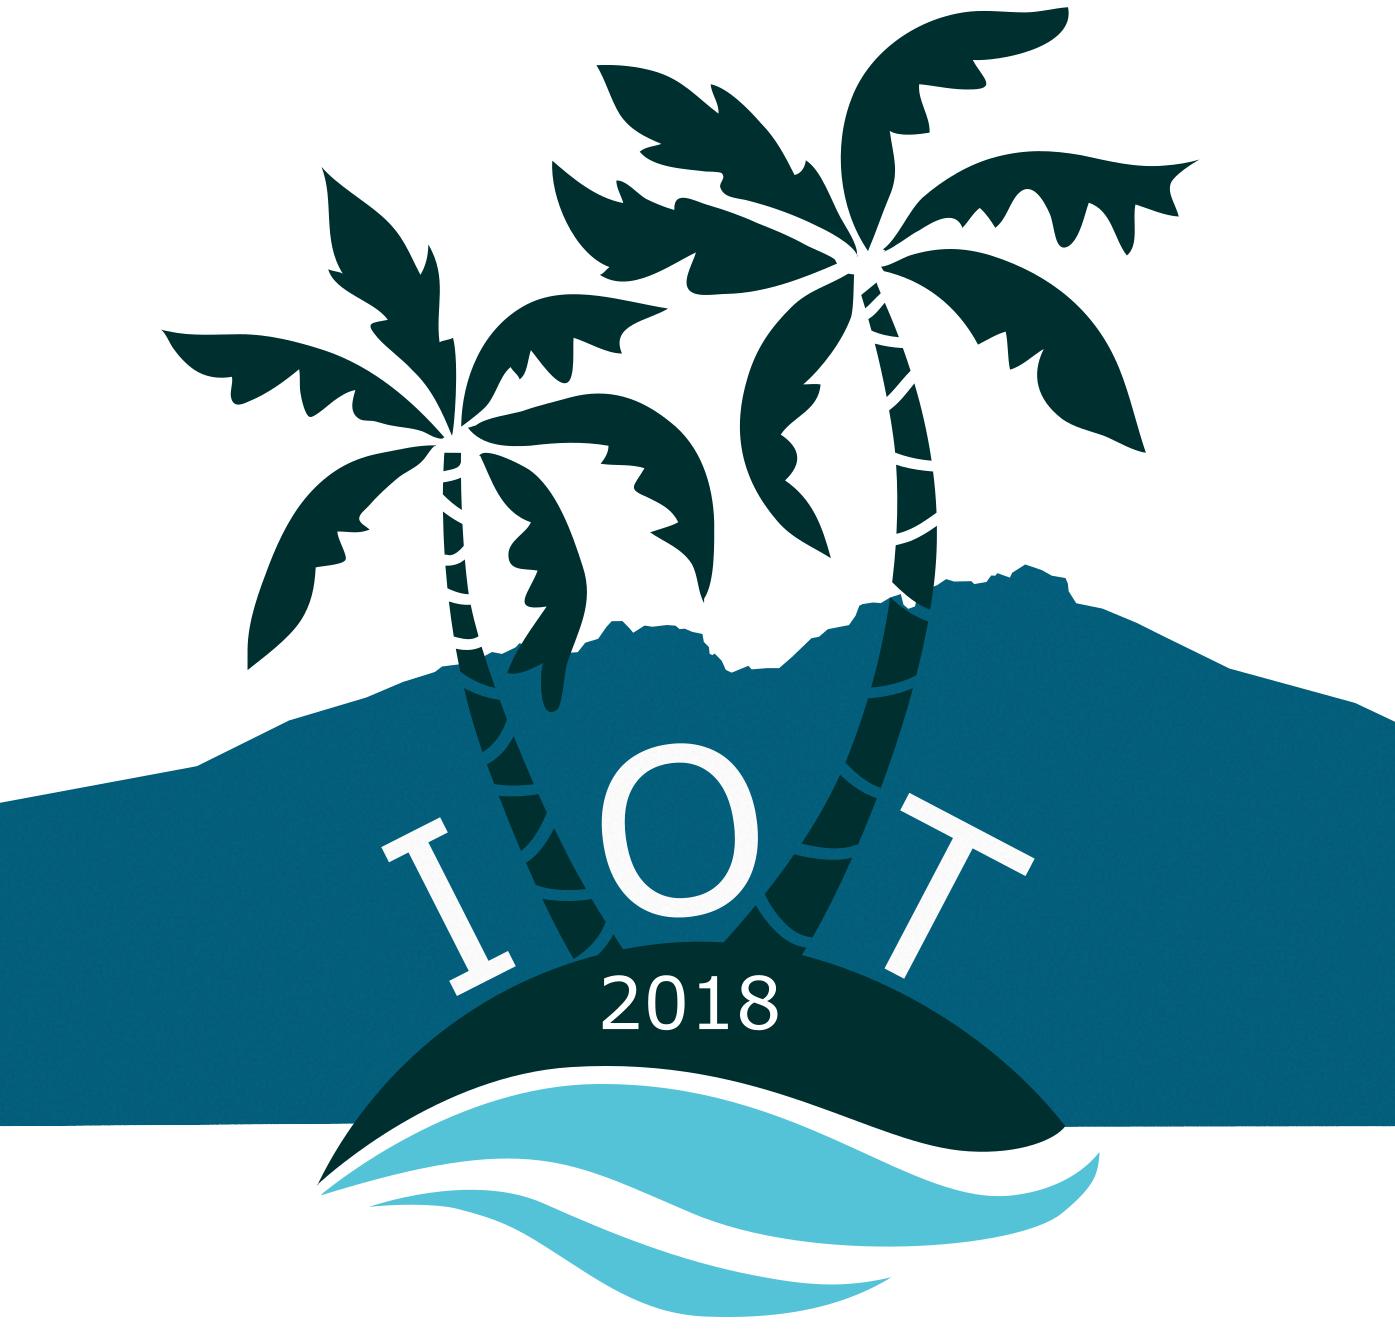 SIS-IoT 2018 Workshop